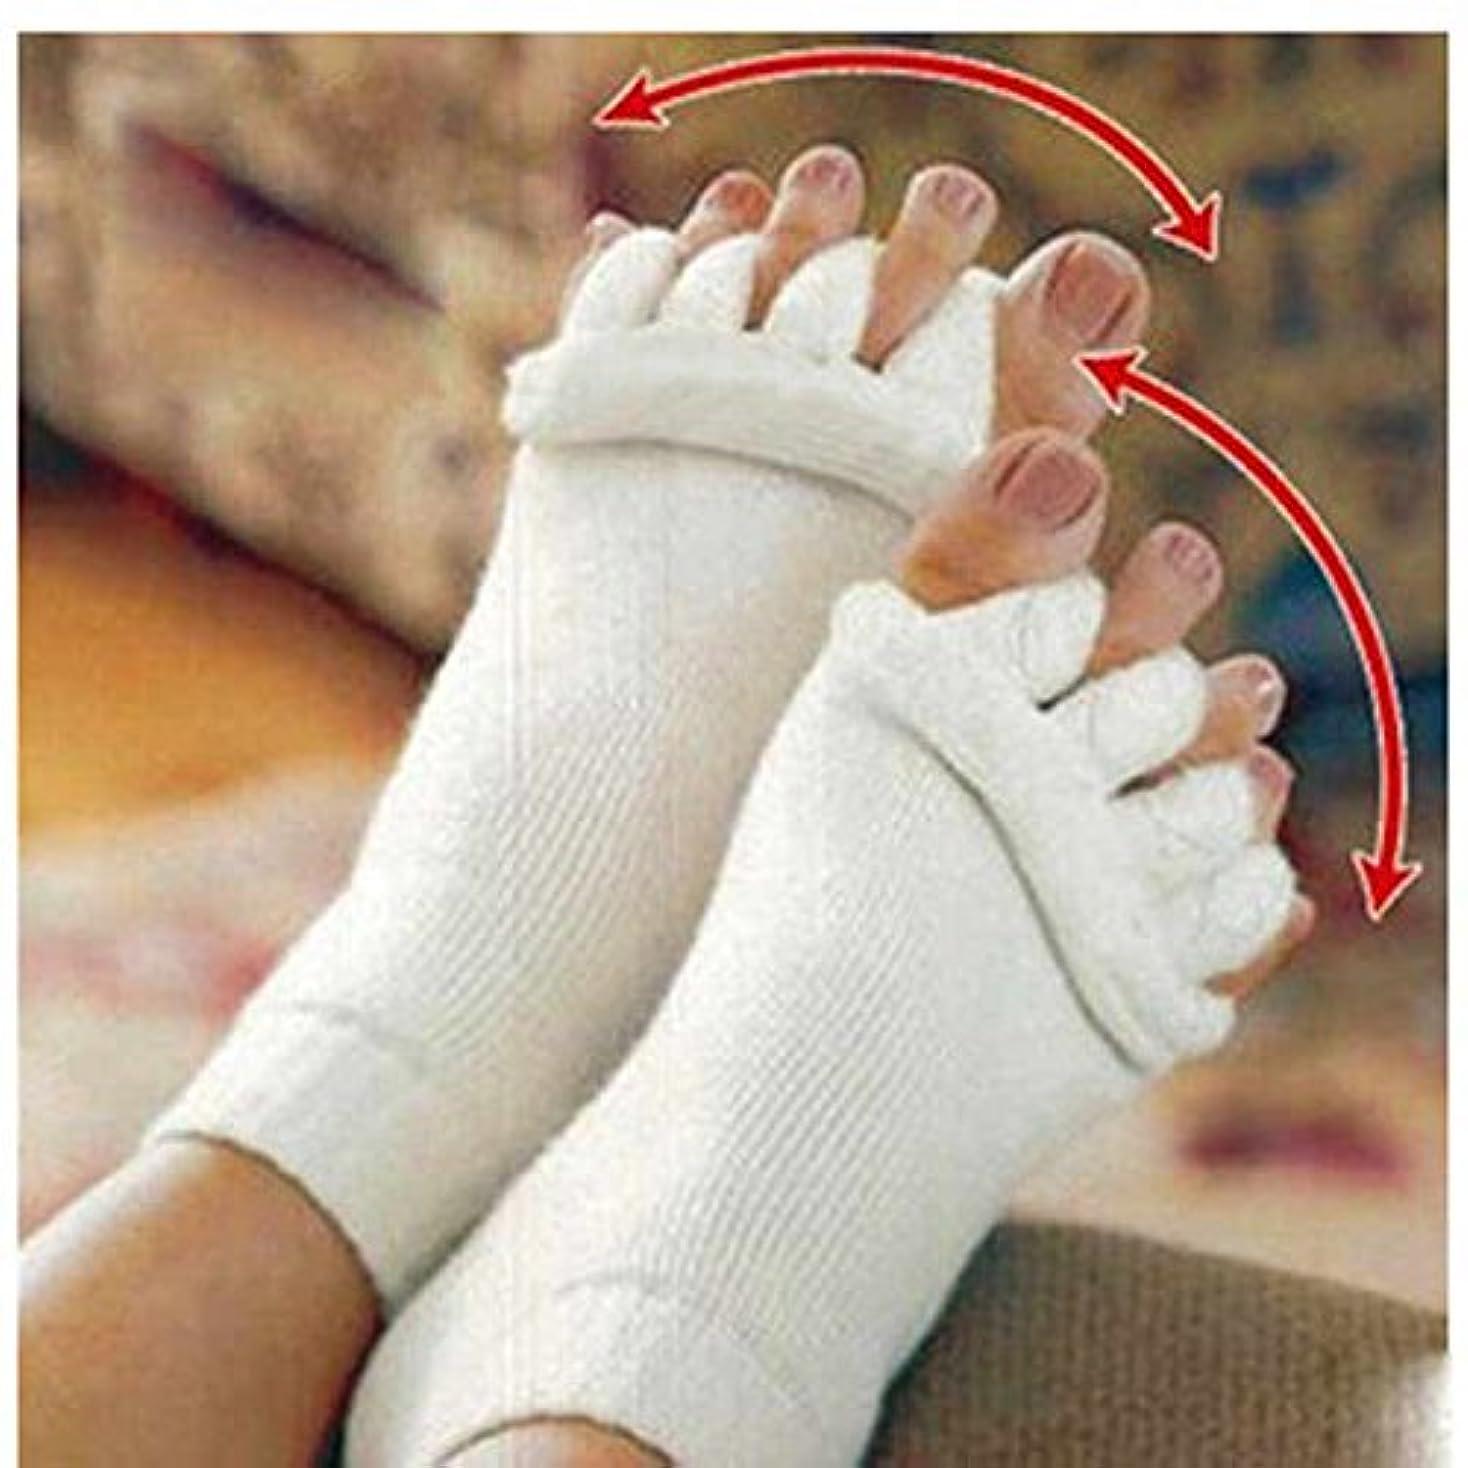 フォージ振幅範囲Lorny(TM) 2個マッサージファイブつま先ソックス指セパレーター骨の親指女性ソックスのためにコレクターの痛みを軽減するソックスペディキュア足セパレーターについて